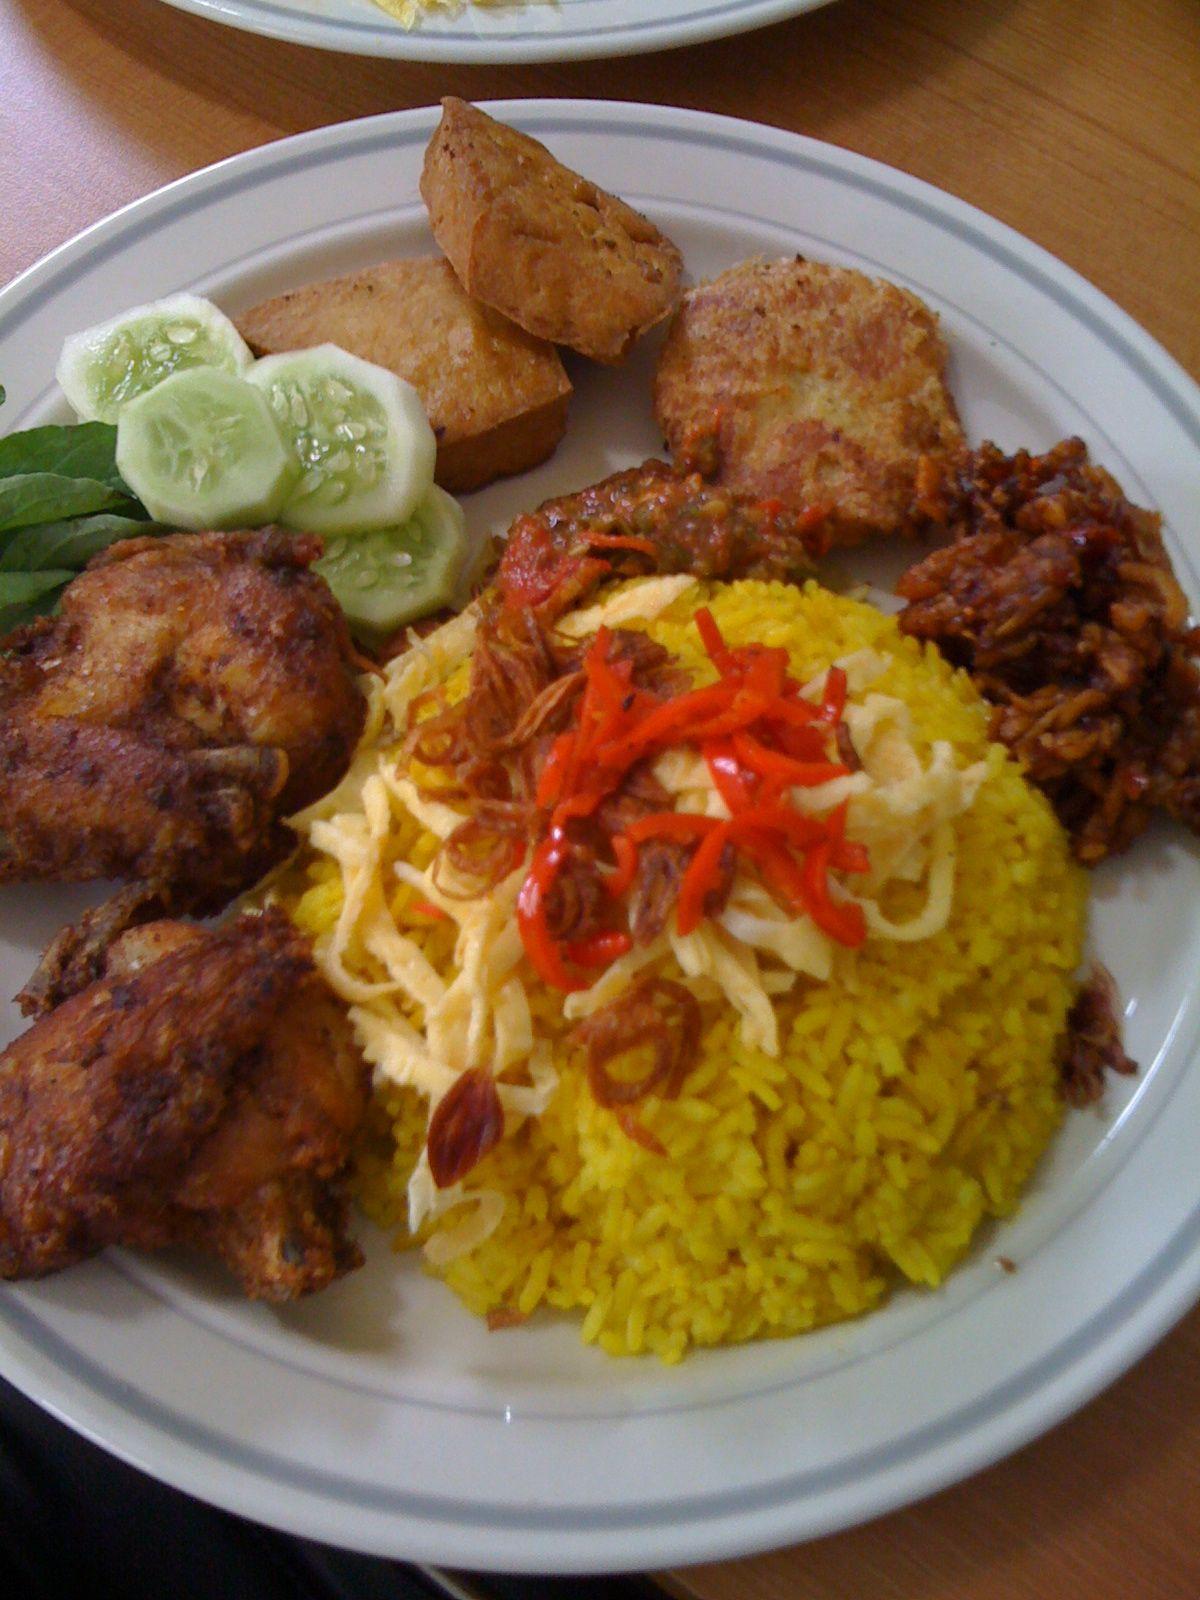 Resep Dan Cara Membuat Nasi Kuning Tanpa Santan Yang Enak Gurih Dan Sederhana Resep Ide Makanan Resep Masakan